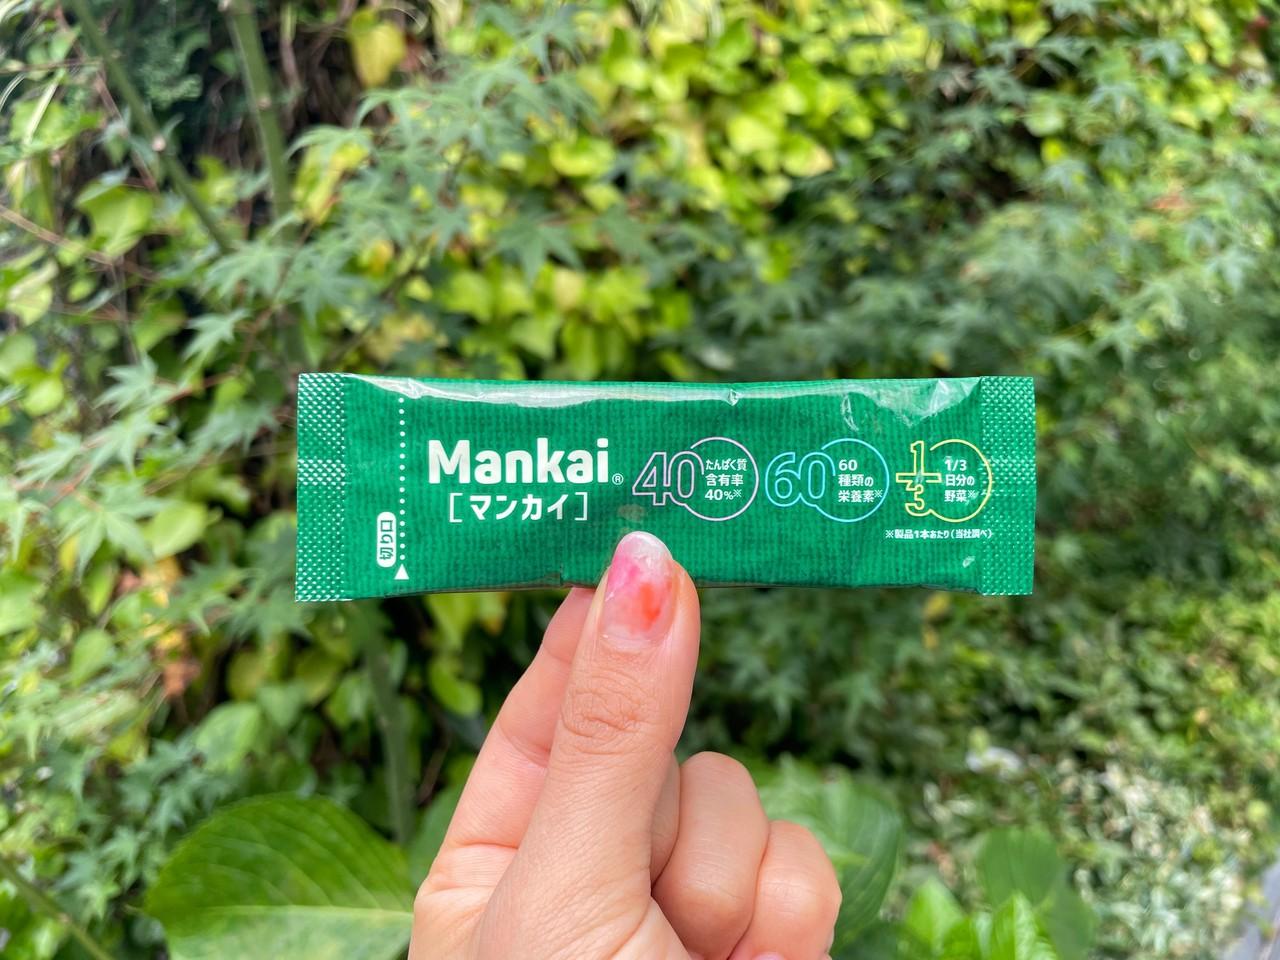 味の素 Mankai (マンカイ)